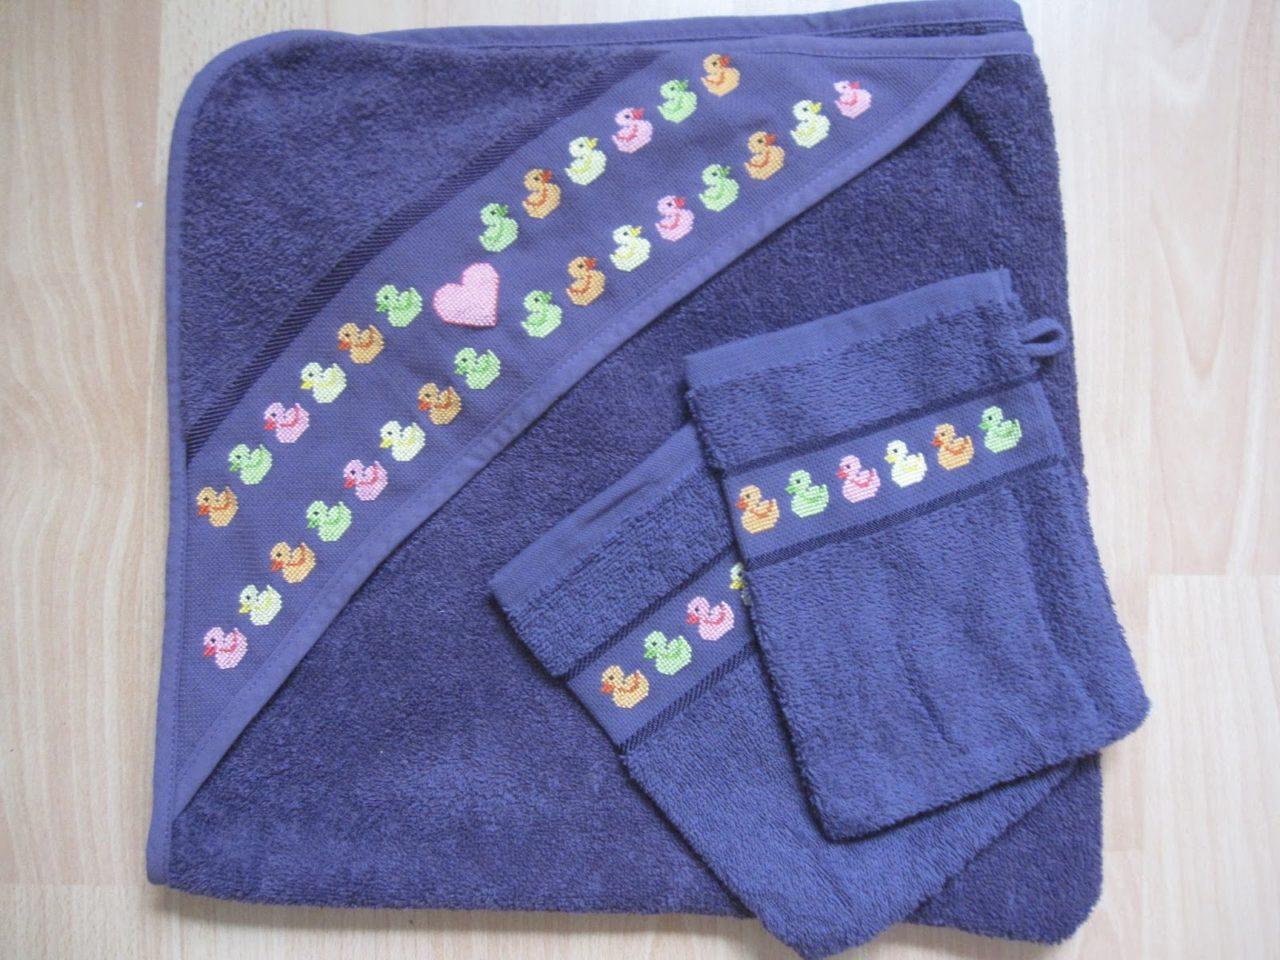 besticktes Babywasch-Set aus Handtuch und Waschlappen